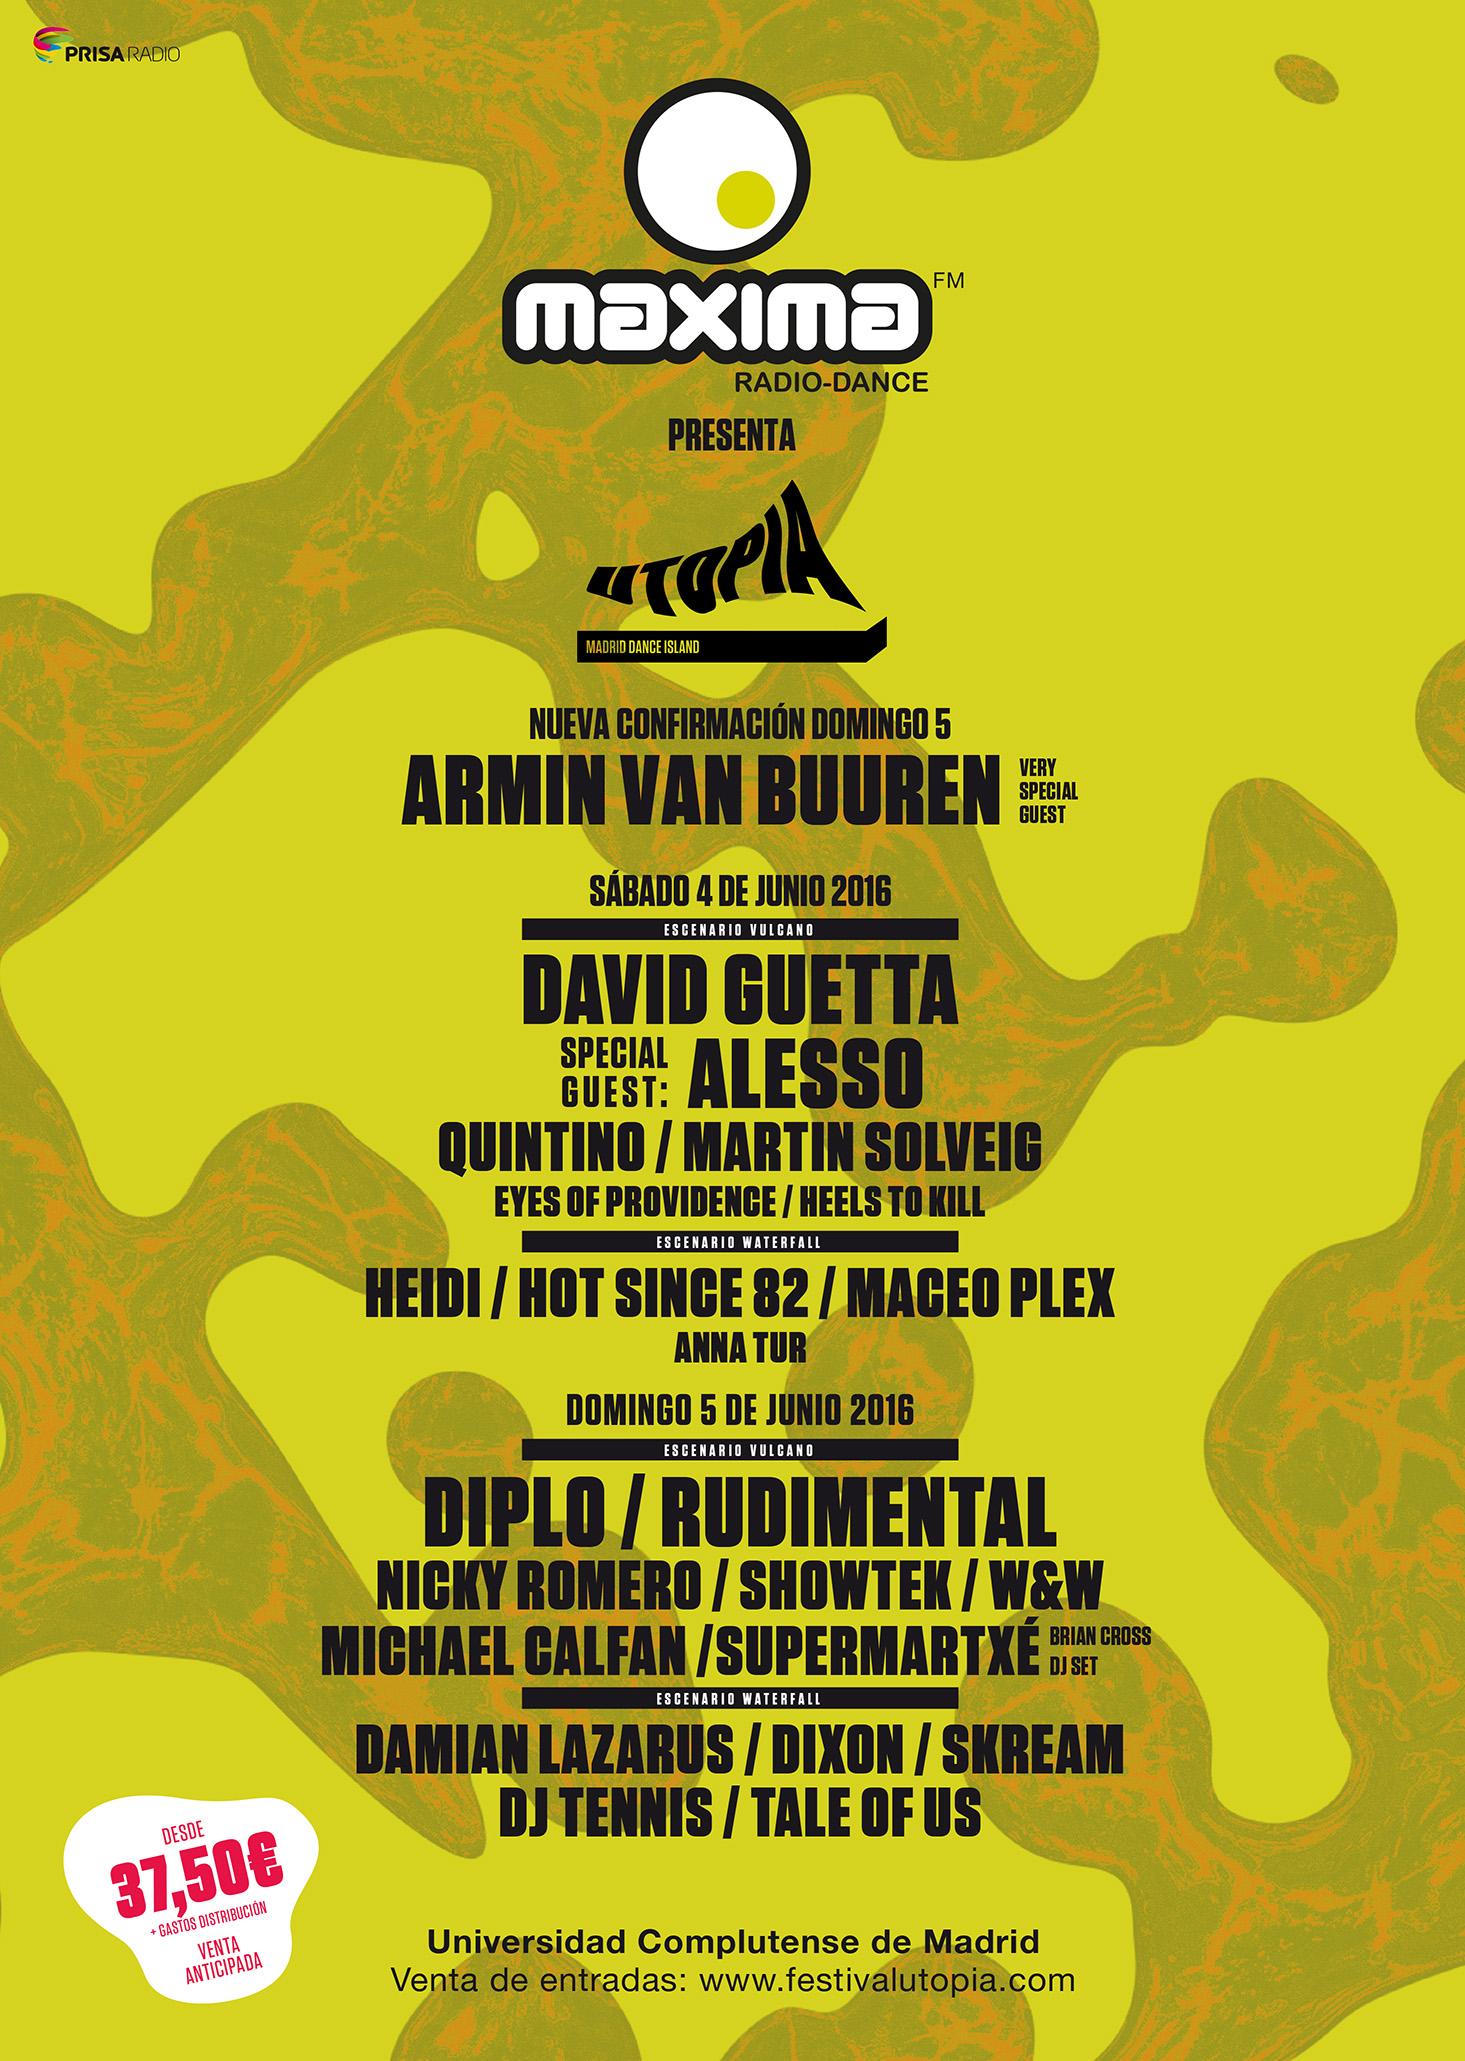 Los DJS de MaximaFM pincharán junto a Armin van Buuren o David Guetta